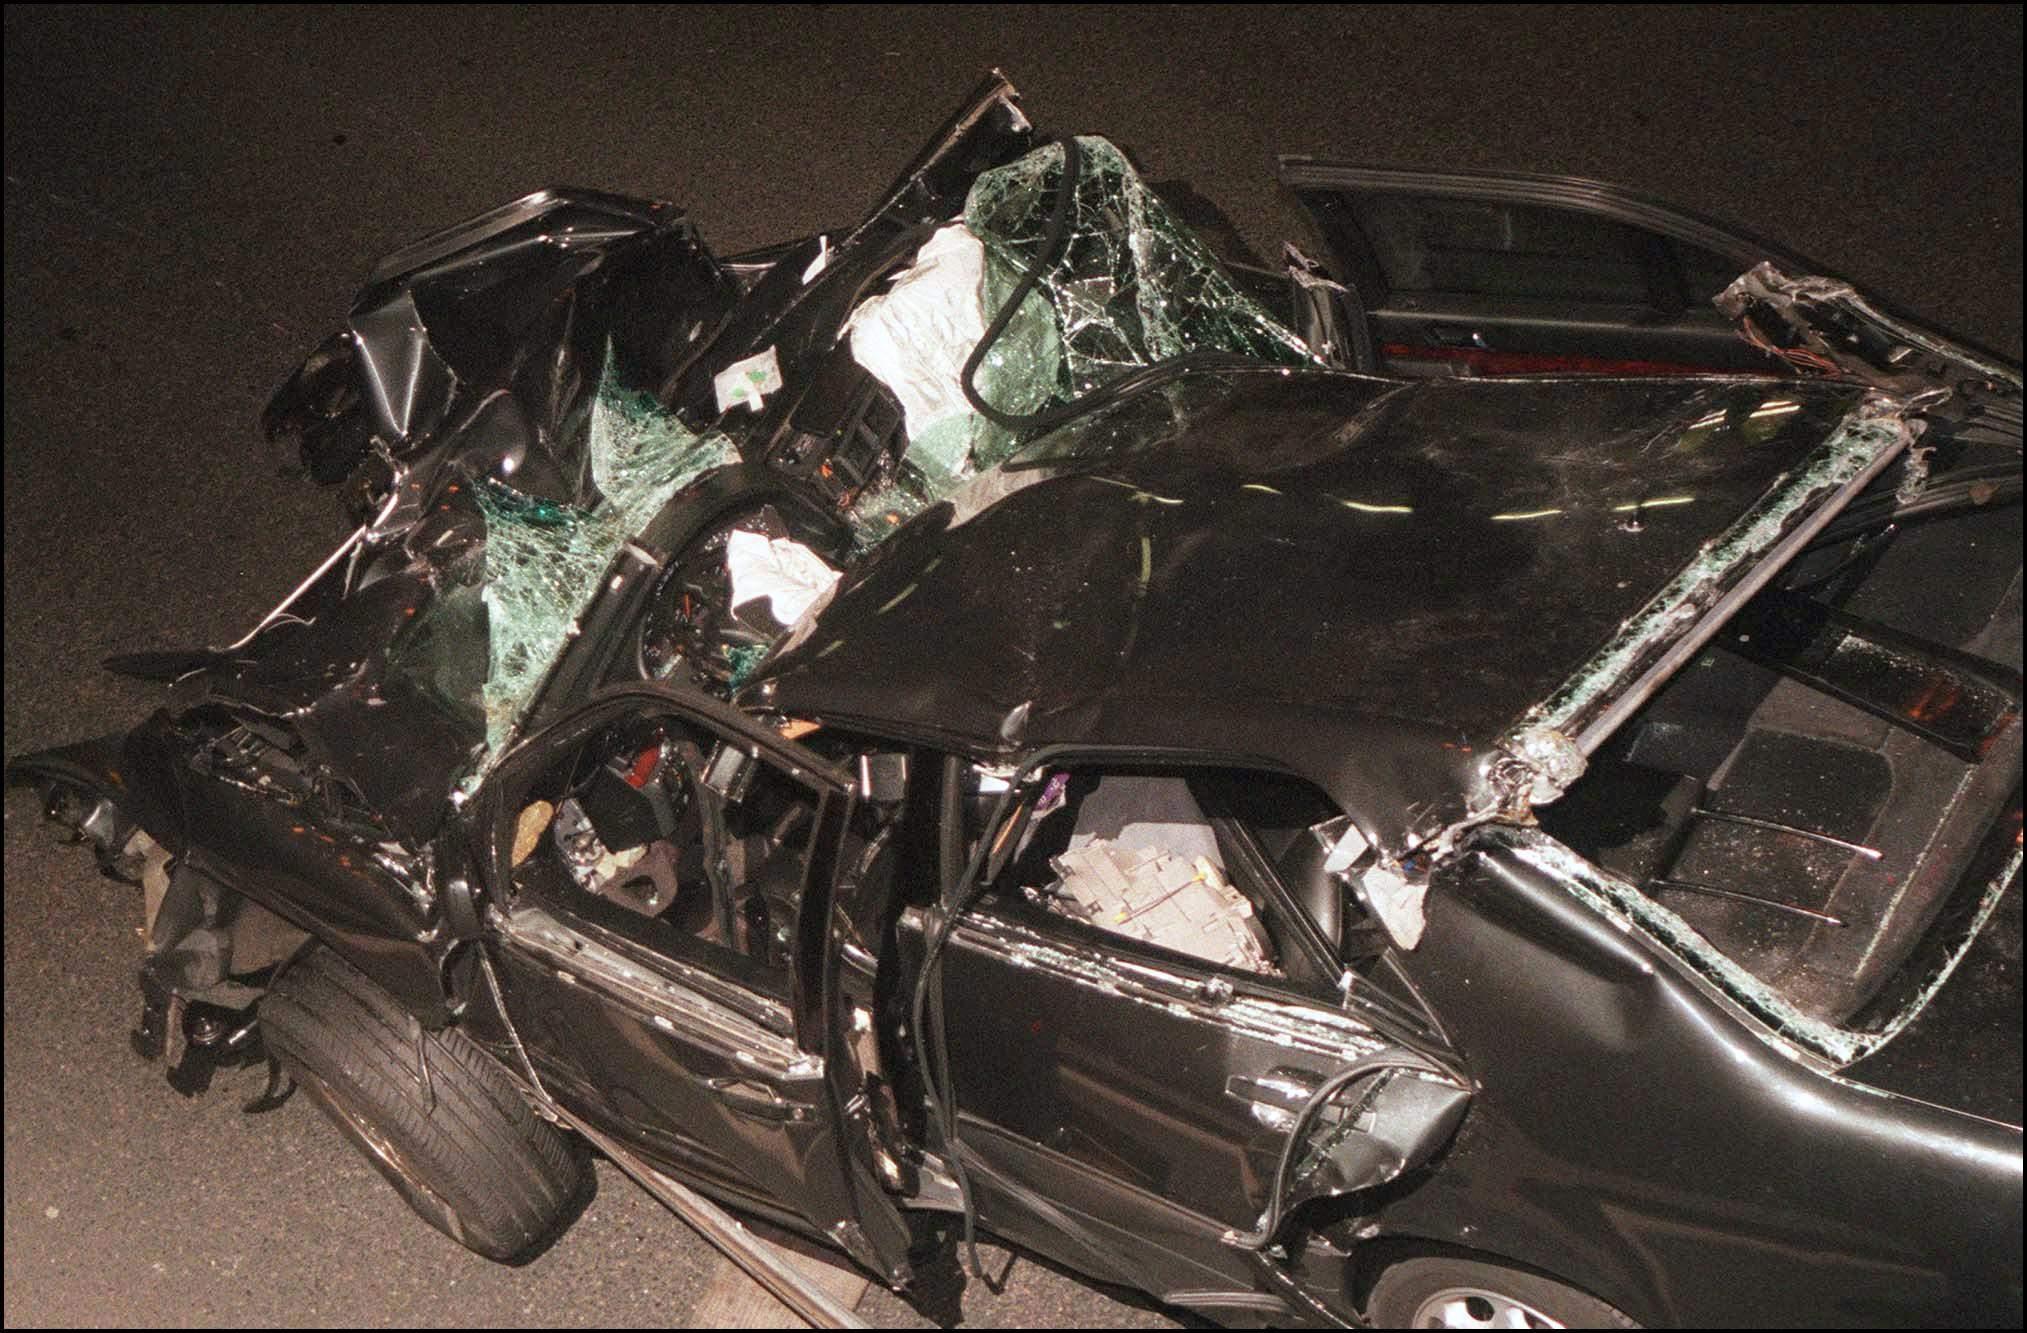 Princess diana crash photo